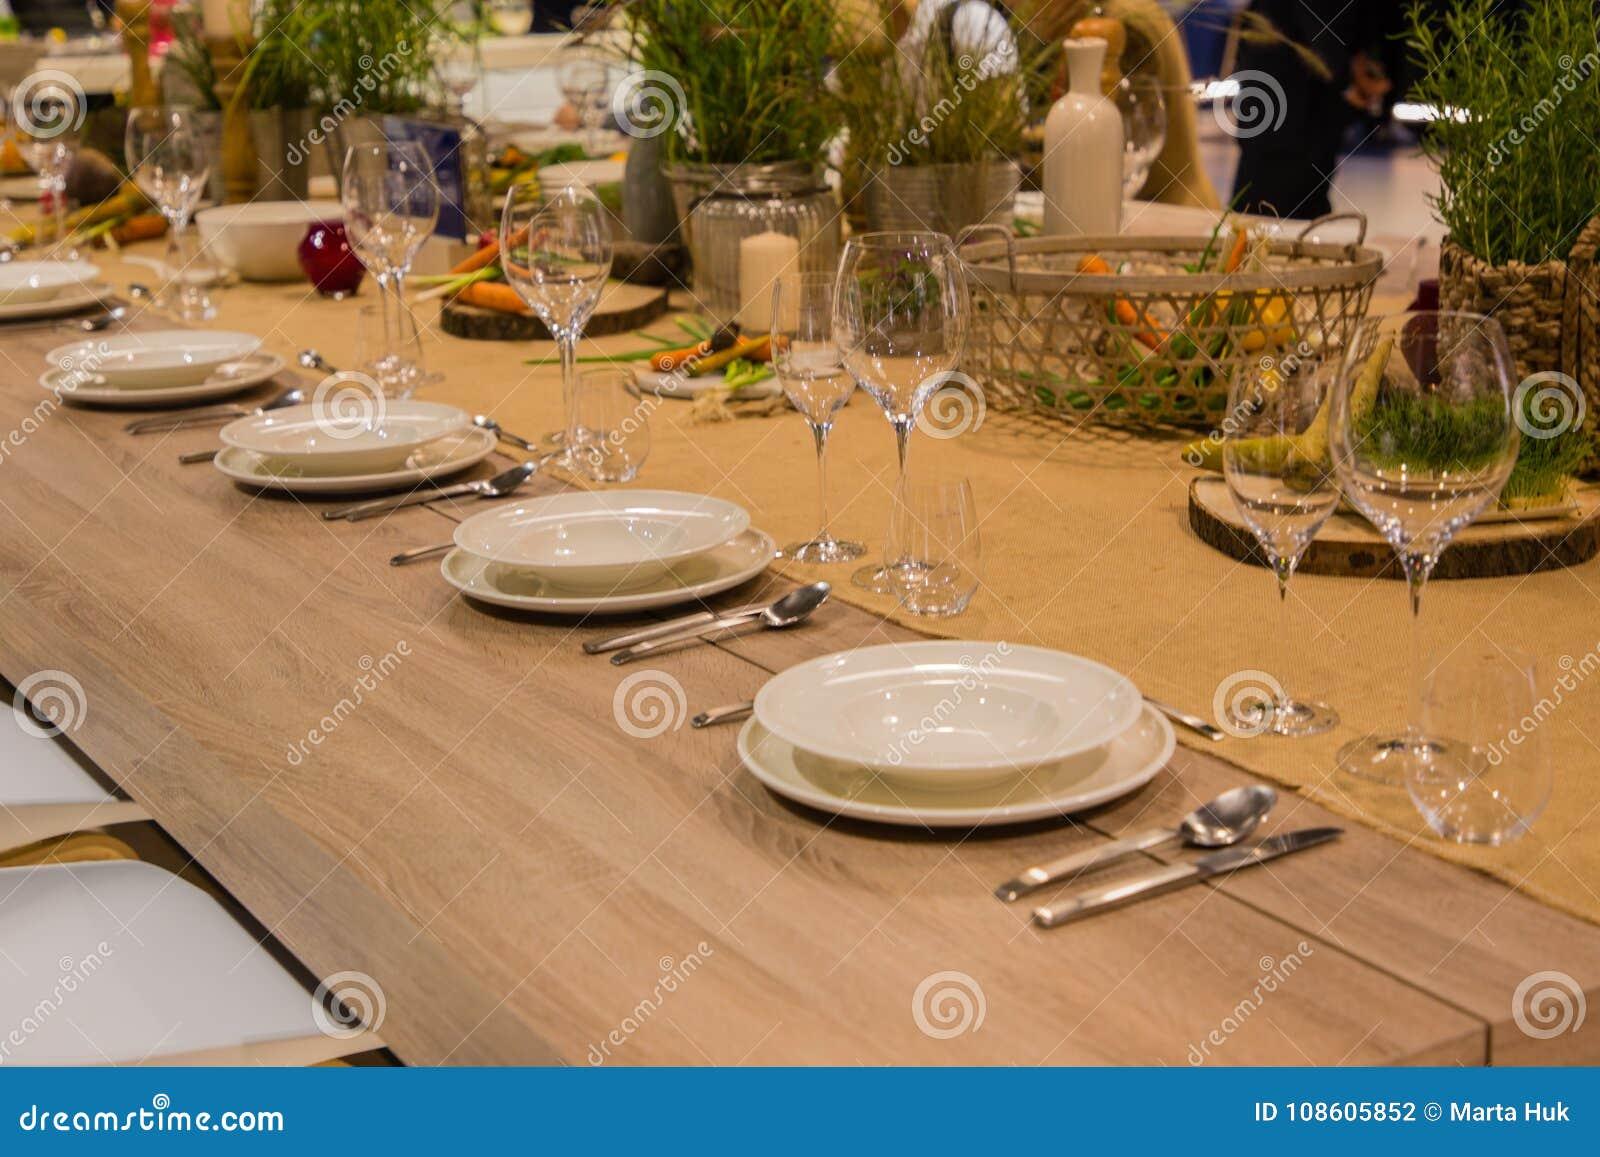 Stół w restauraci słuzyć dla kilka persons z szkłami i talerzami